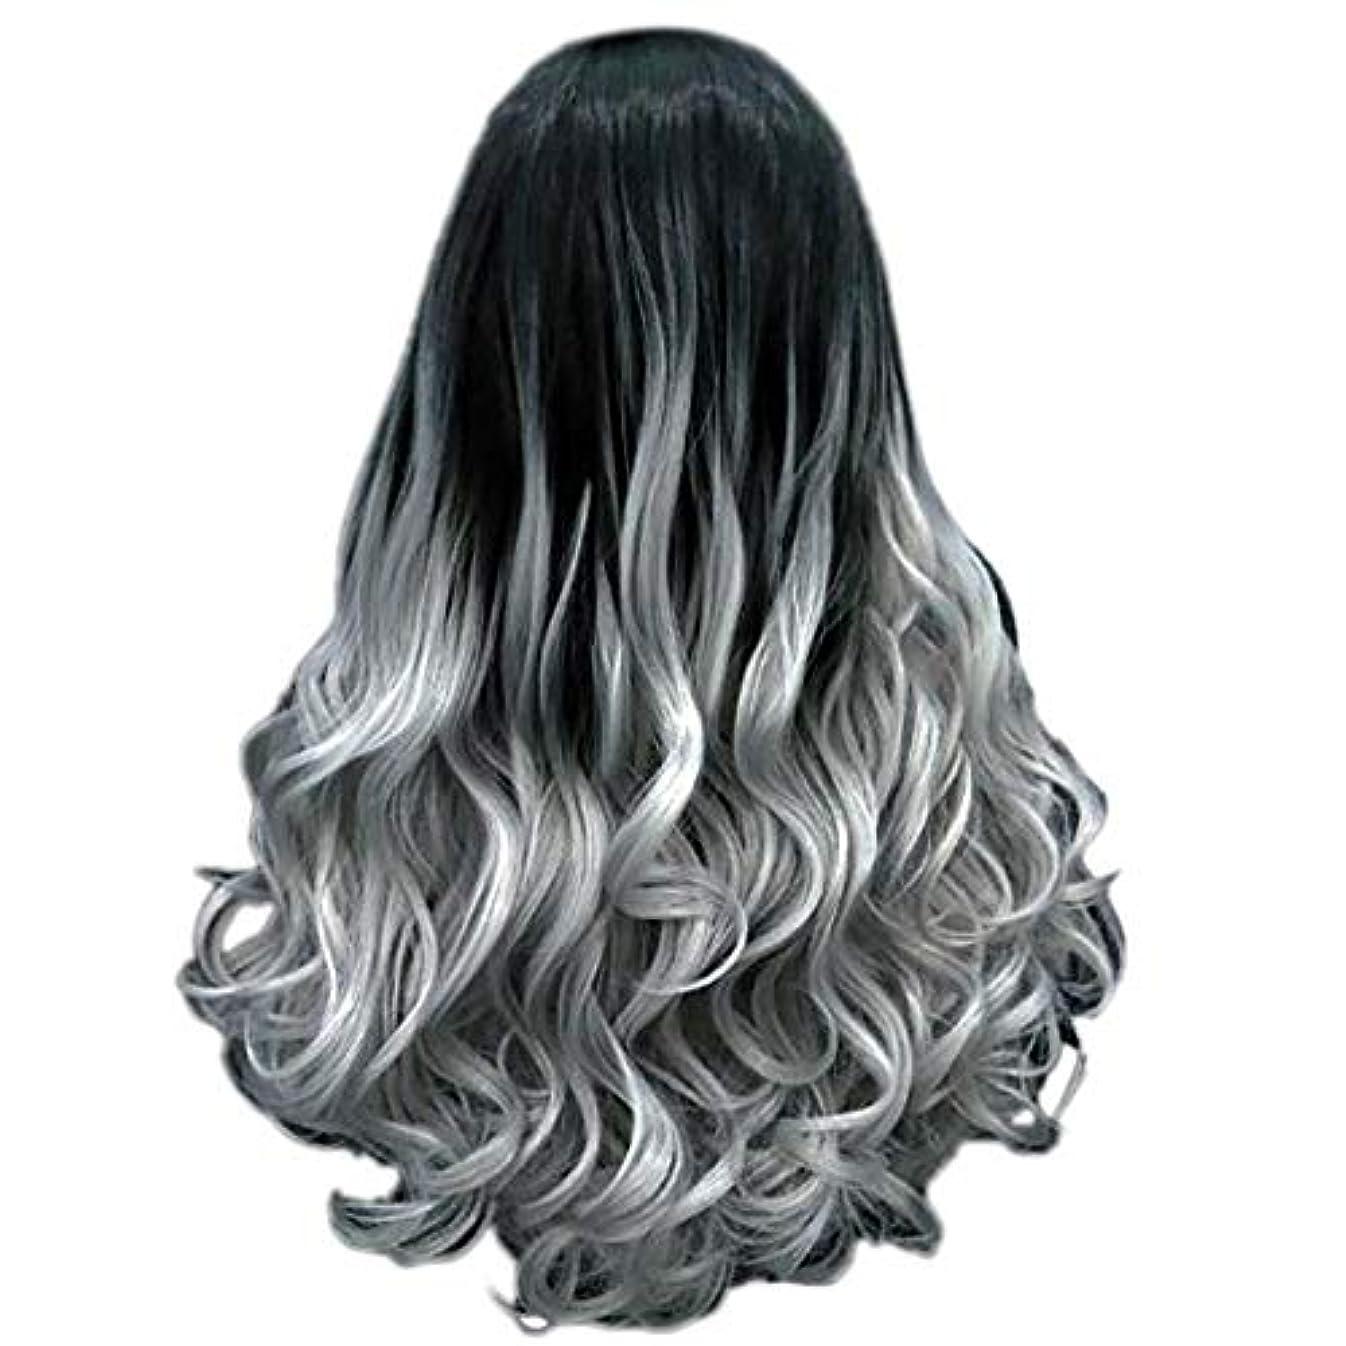 気を散らす略語流出女性の長い巻き毛のファッションセクシーなかつら70 cmをかつら